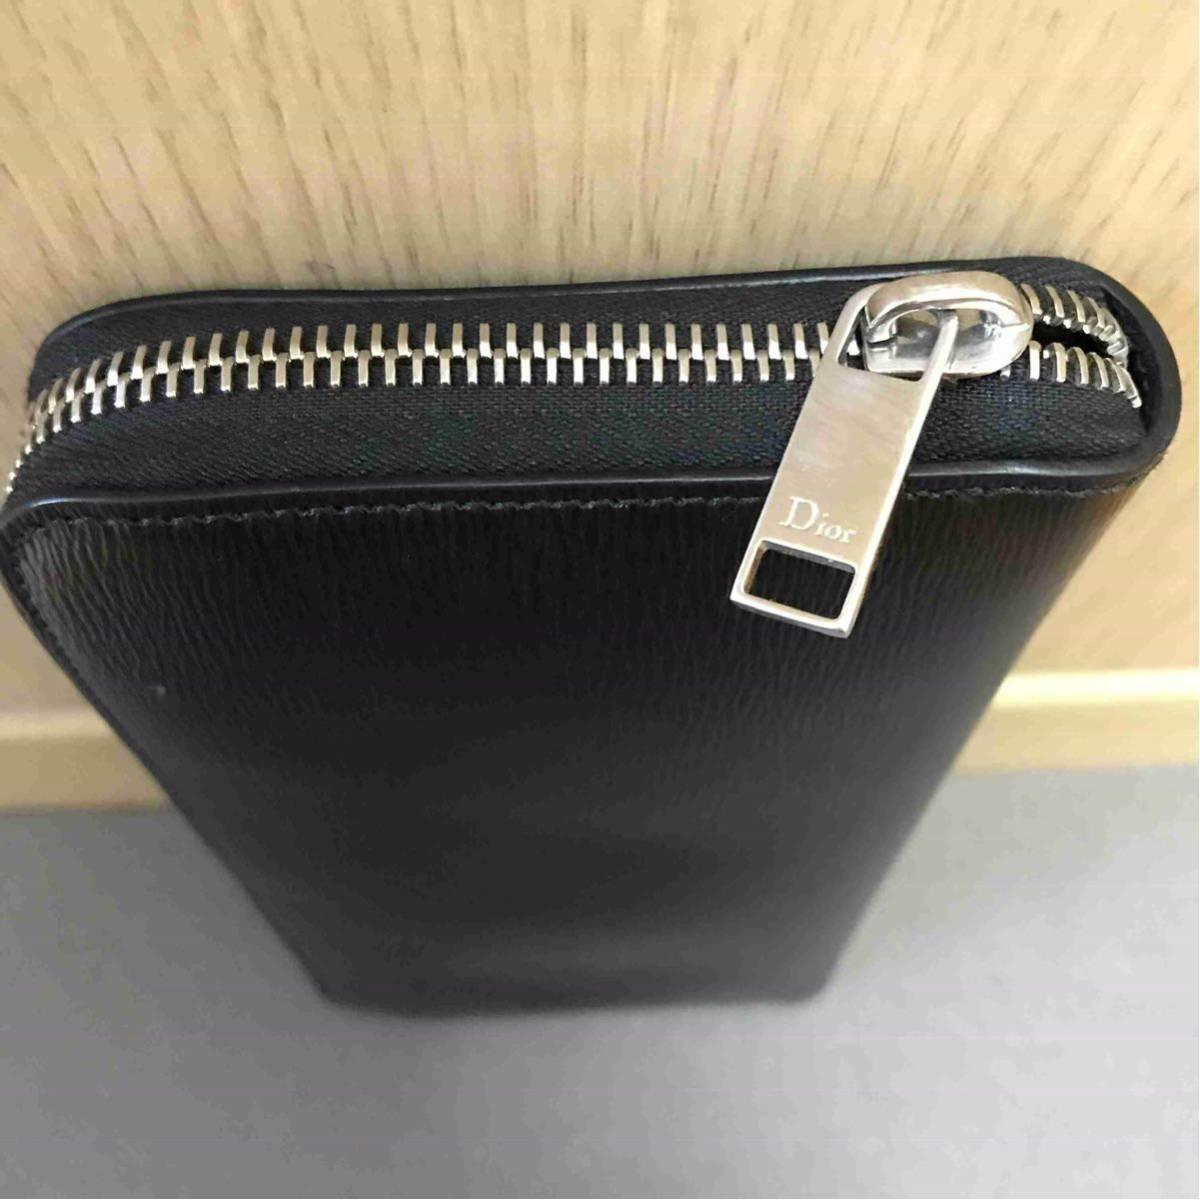 08d4bc22b0a1 正規 Dior Homme ディオールオム BEE 蜂 ラウンドファスナー ウォレット 長財布 財布_画像4